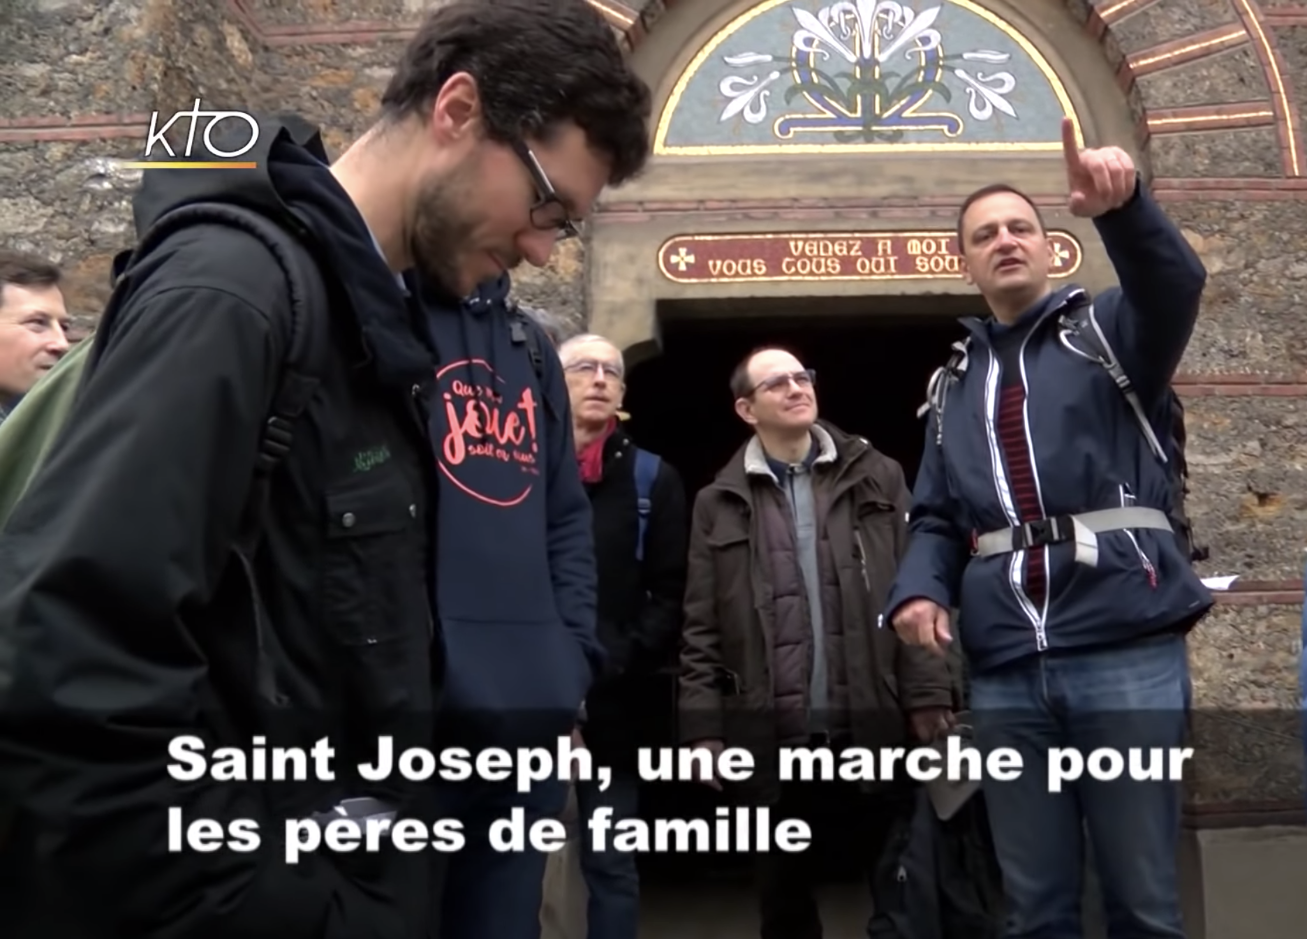 Reportage KTO : Saint Joseph, une marche pour les pères de familles